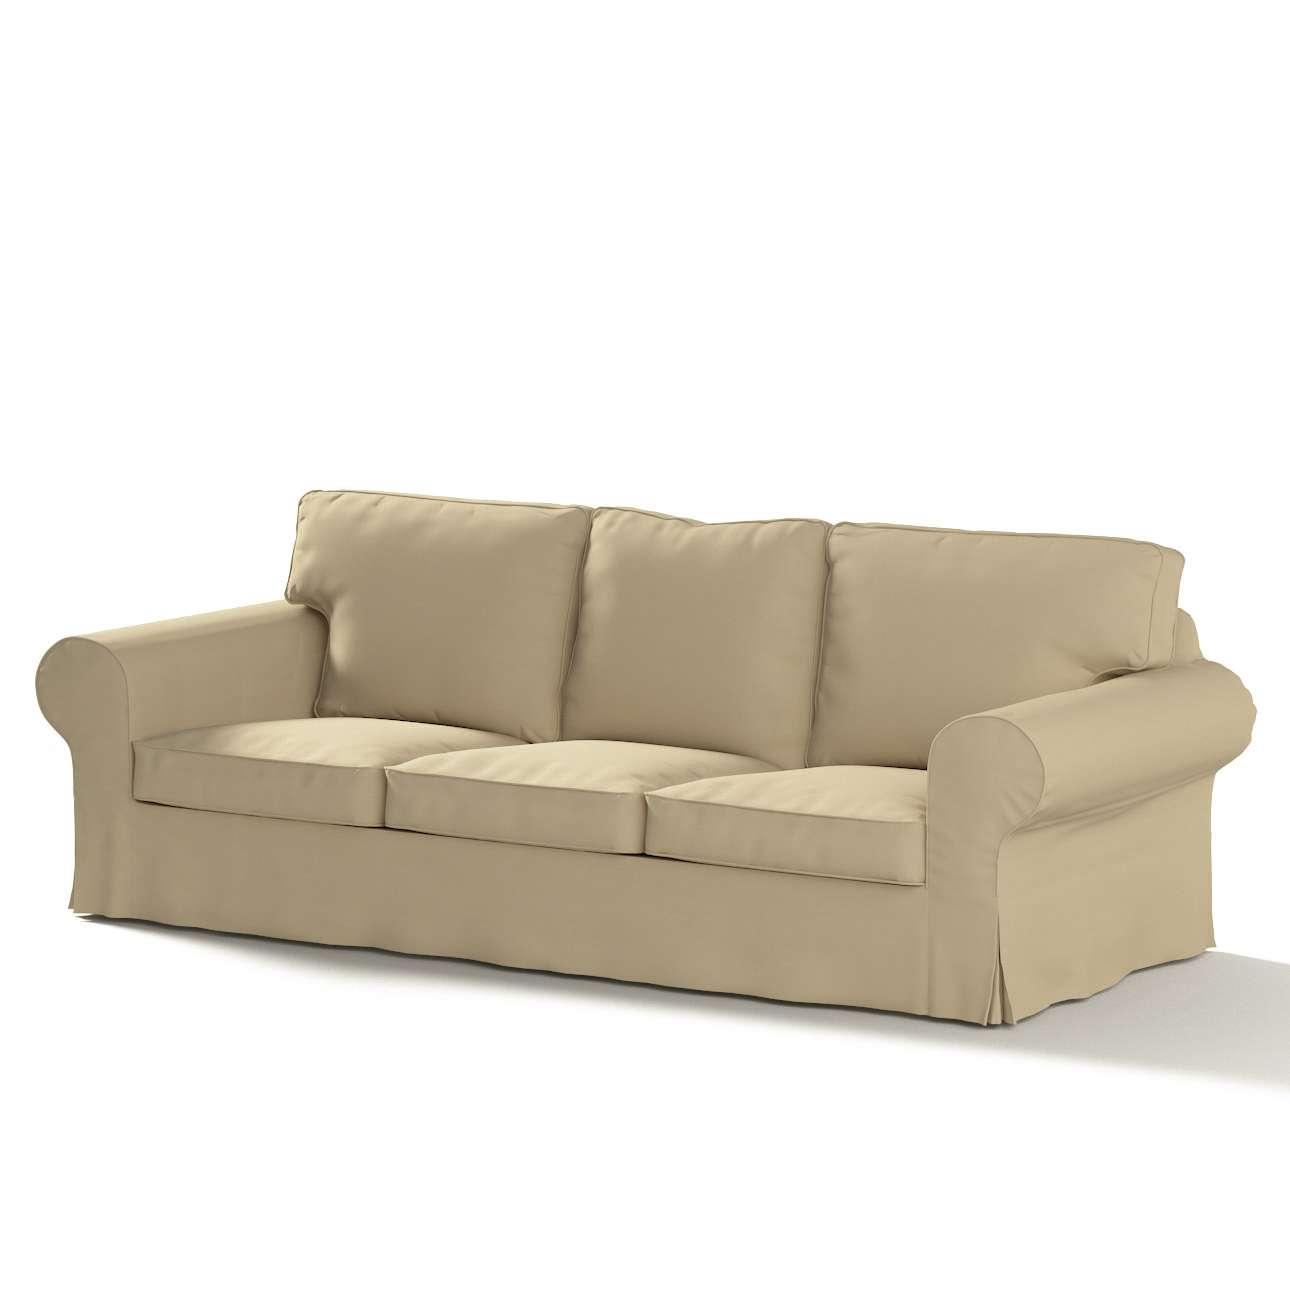 Pokrowiec na sofę Ektorp 3-osobową, rozkładaną STARY MODEL w kolekcji Cotton Panama, tkanina: 702-01